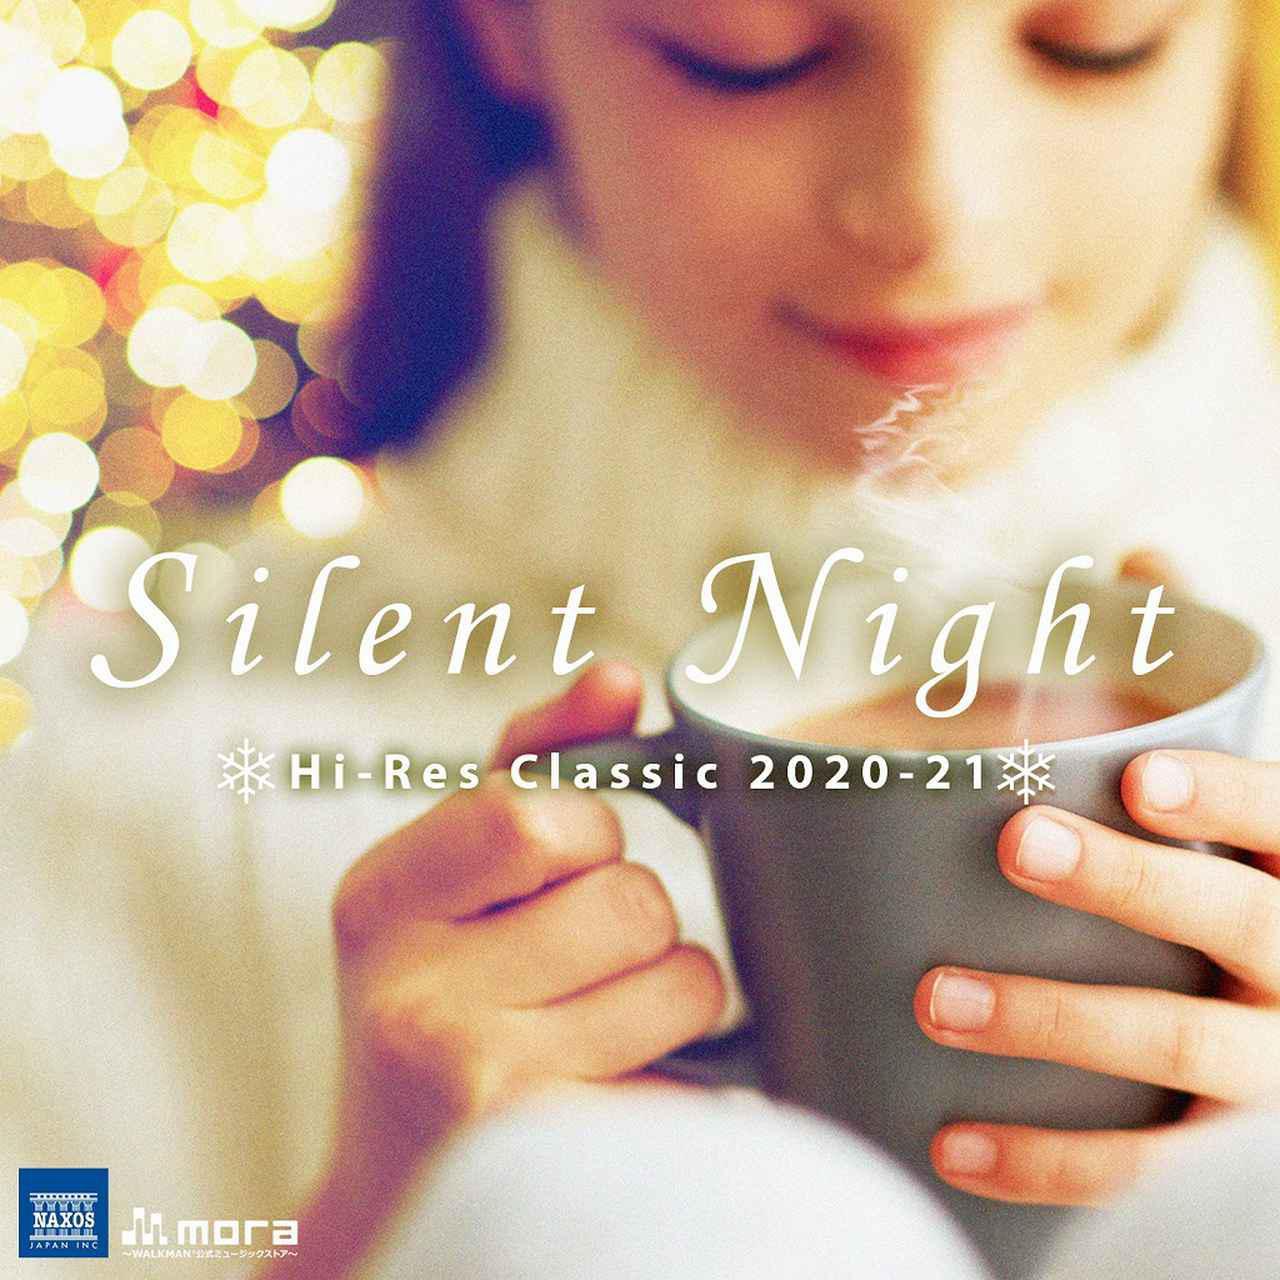 画像: ハイレゾクラシック Silent Night 2020-21 / Various Artists